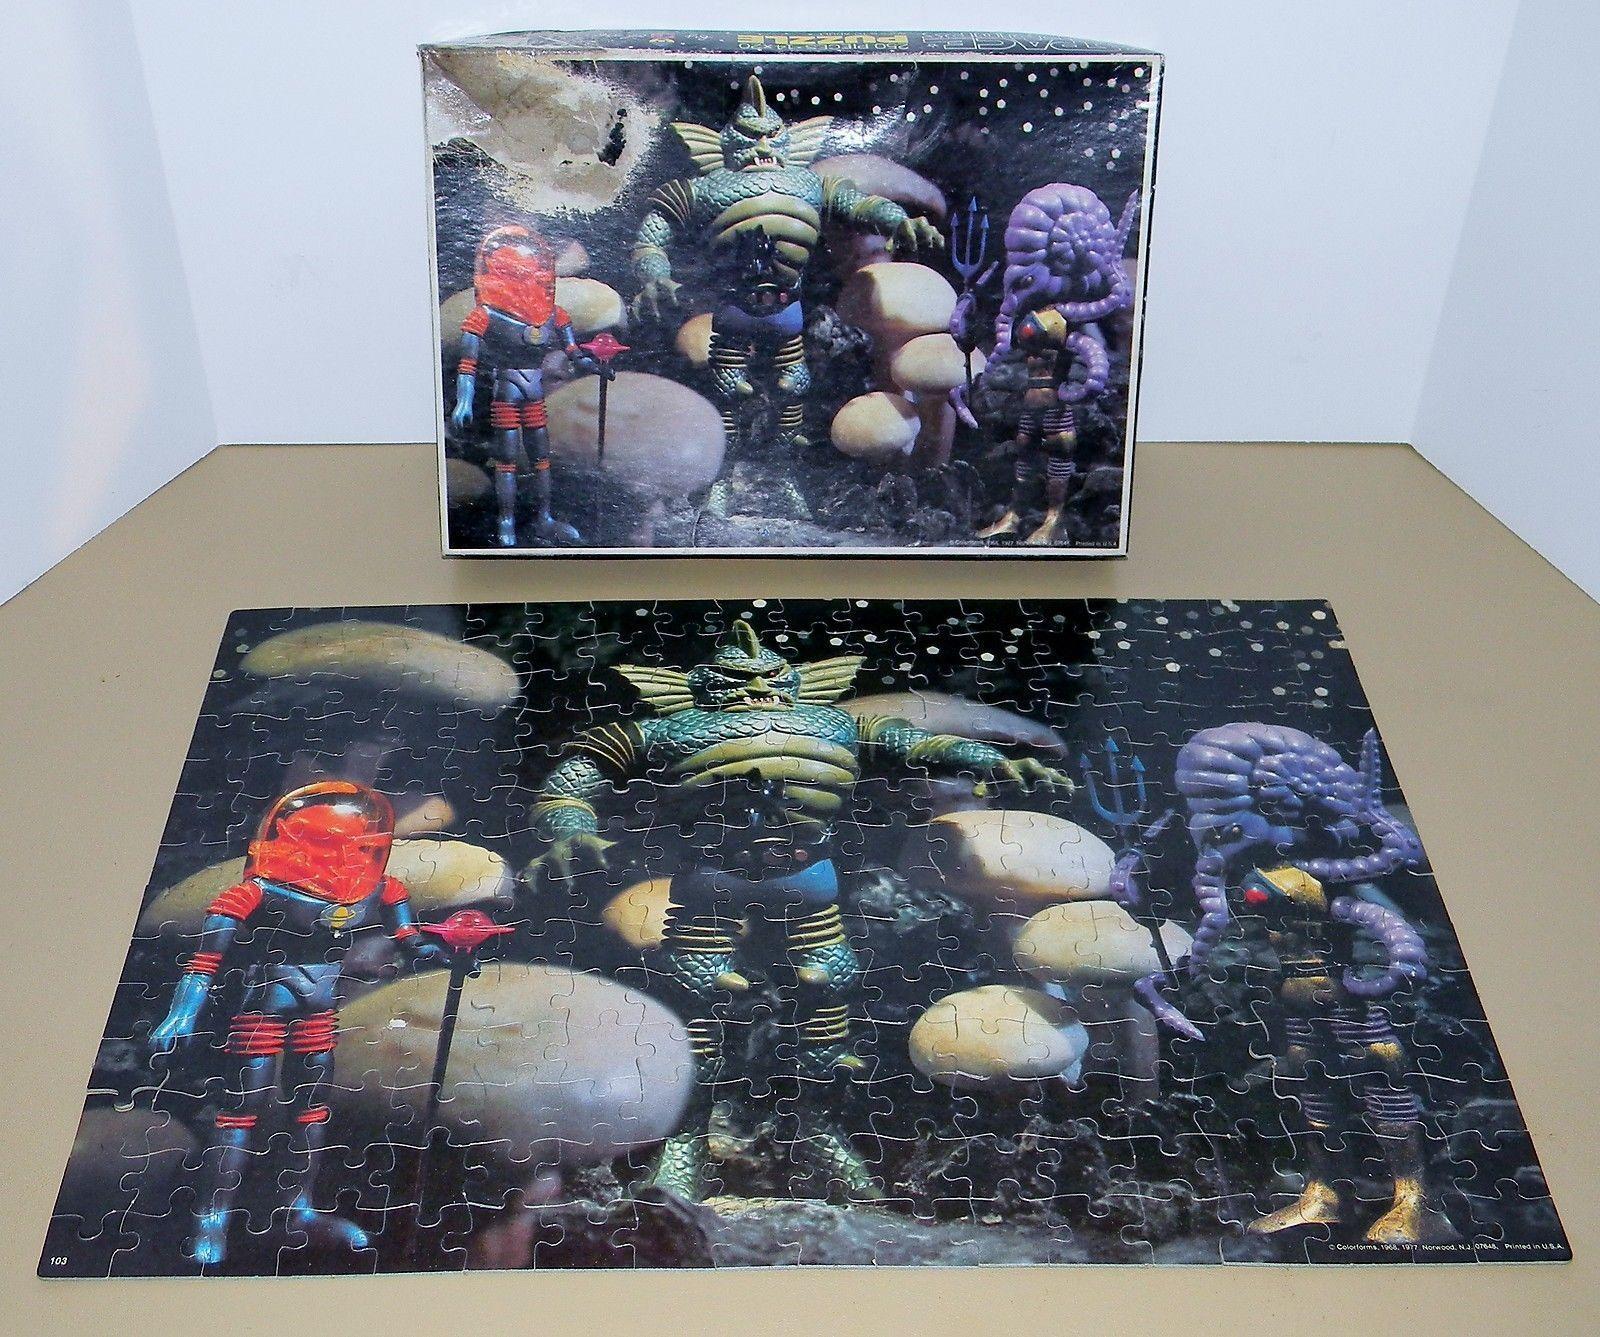 1977 raum krieger Farbeforms weltraum mann alien - puzzle astro nautilus